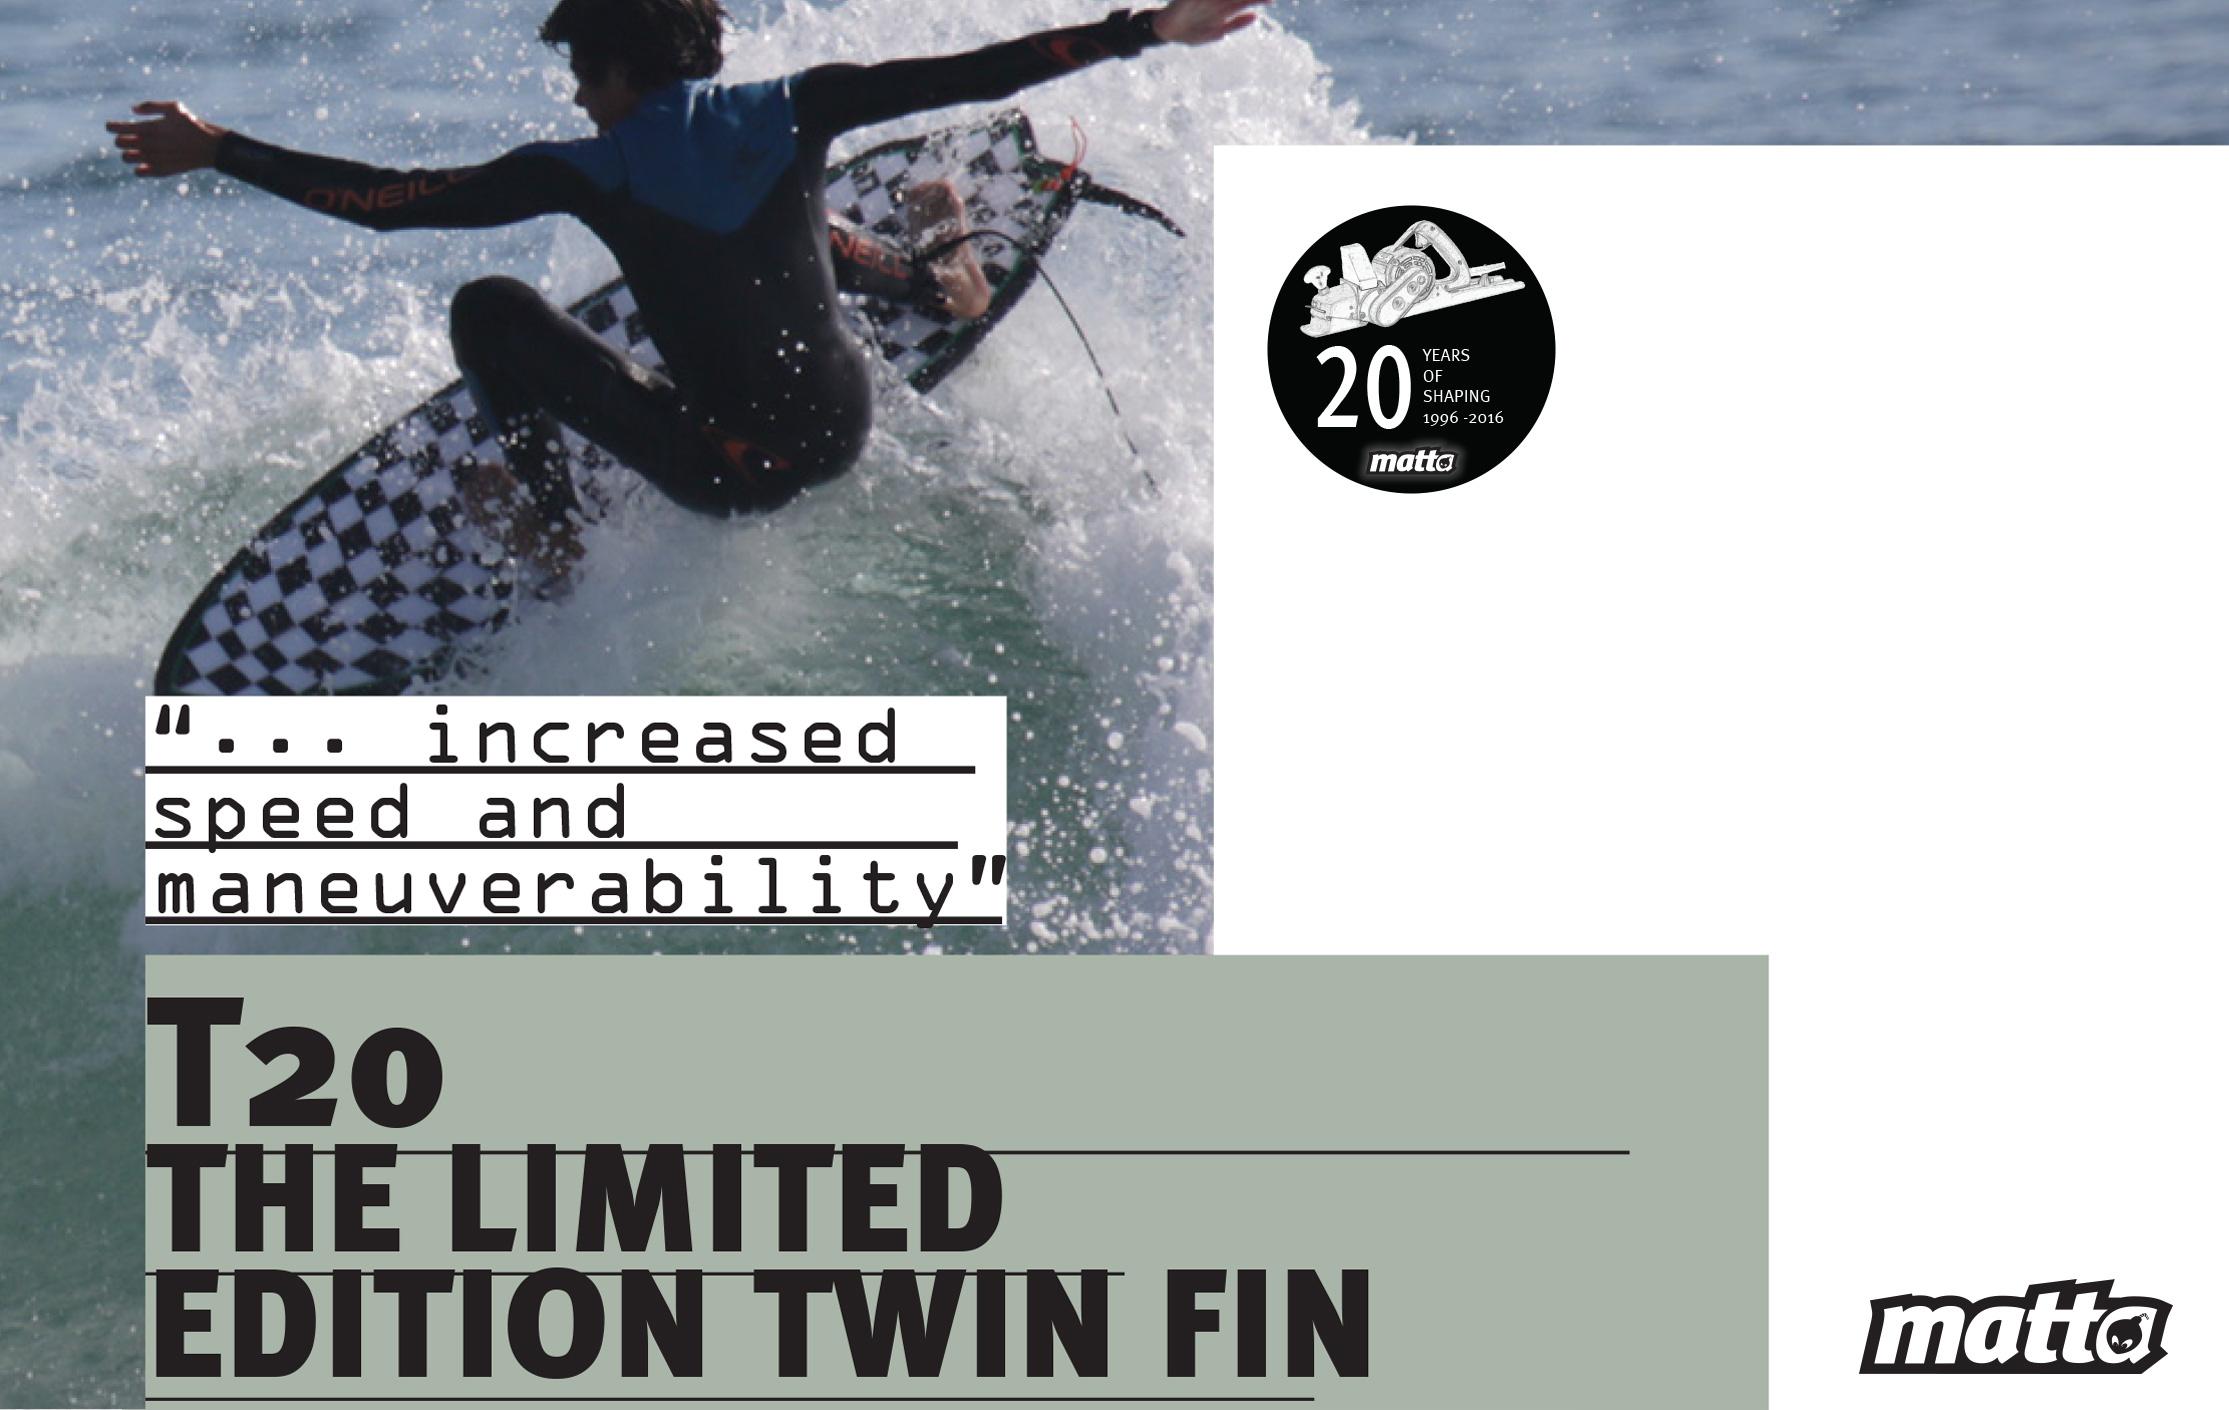 T20 MATTA SURFBOARDS